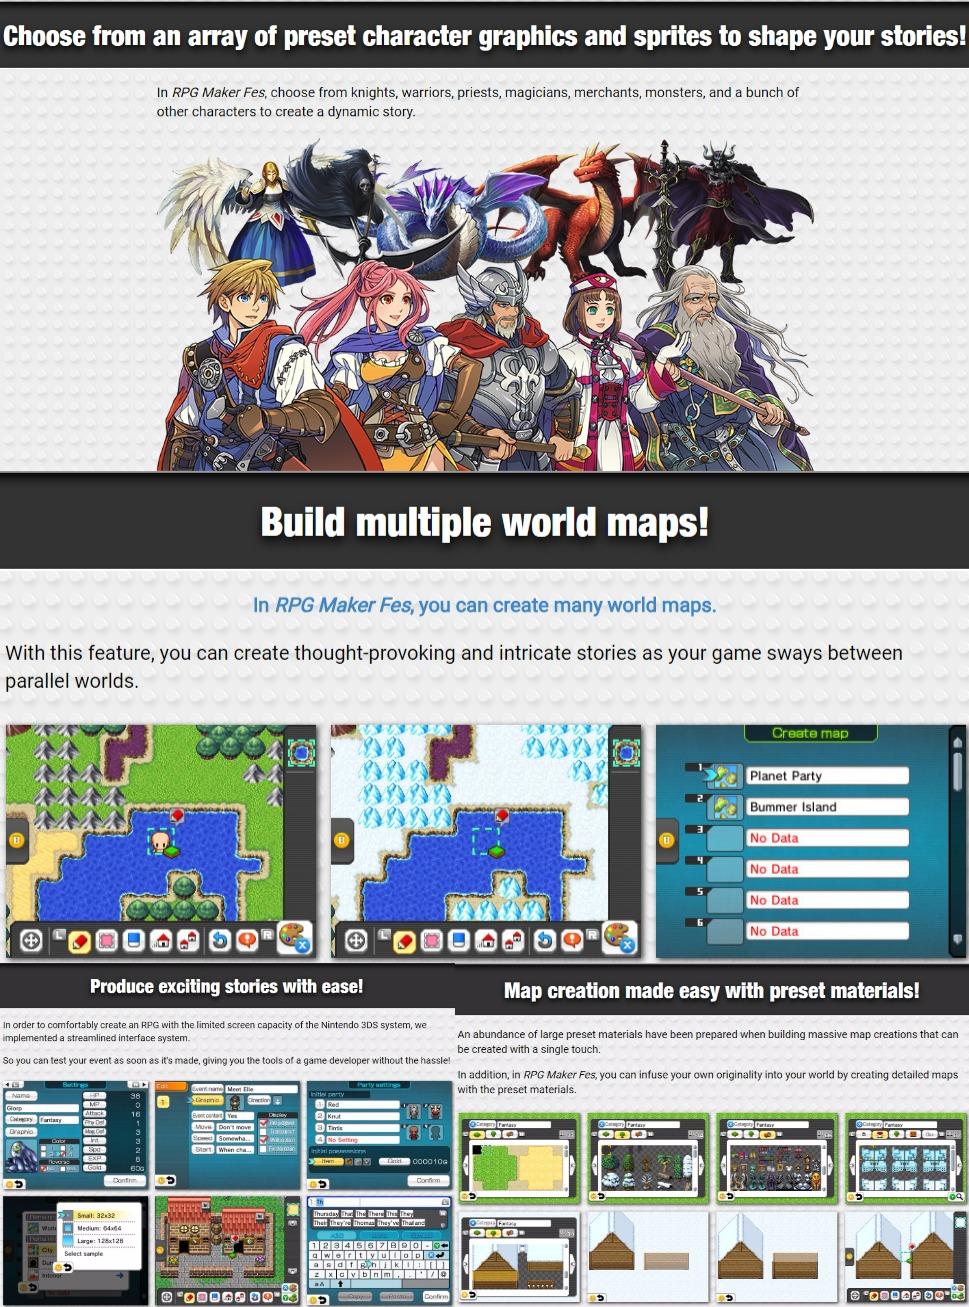 RPG Maker Fes screenshots and system details - Nintendo